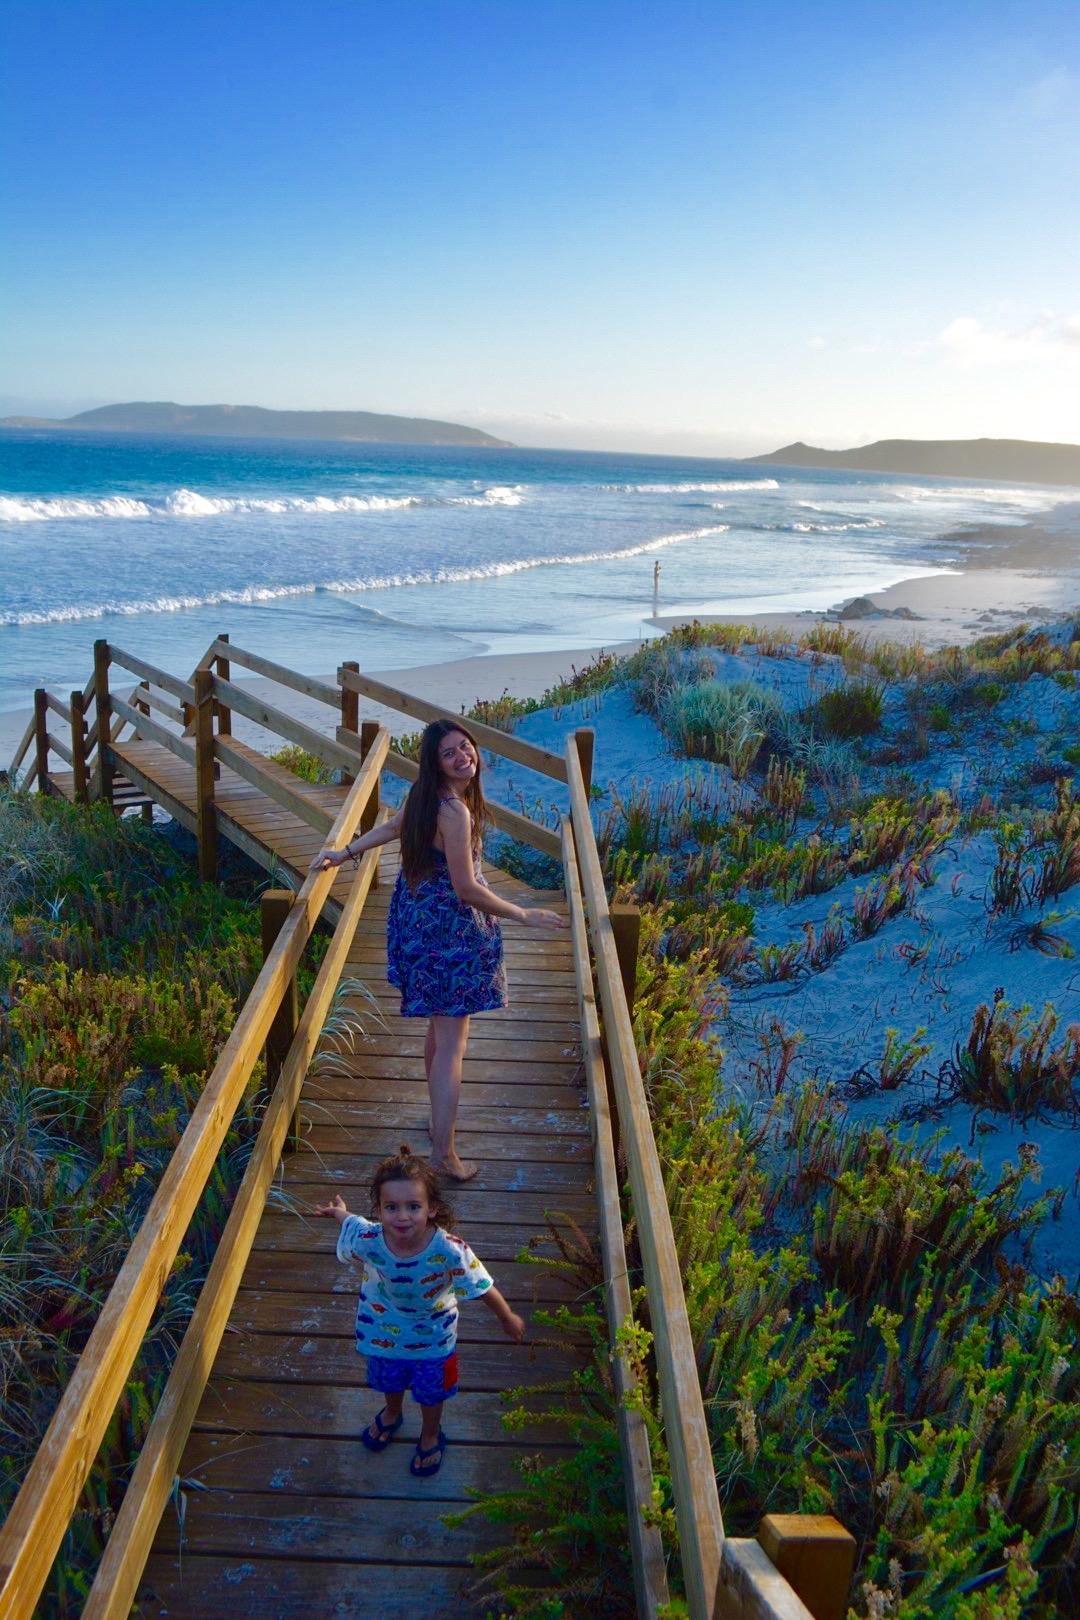 australia coast roadtrip with kids